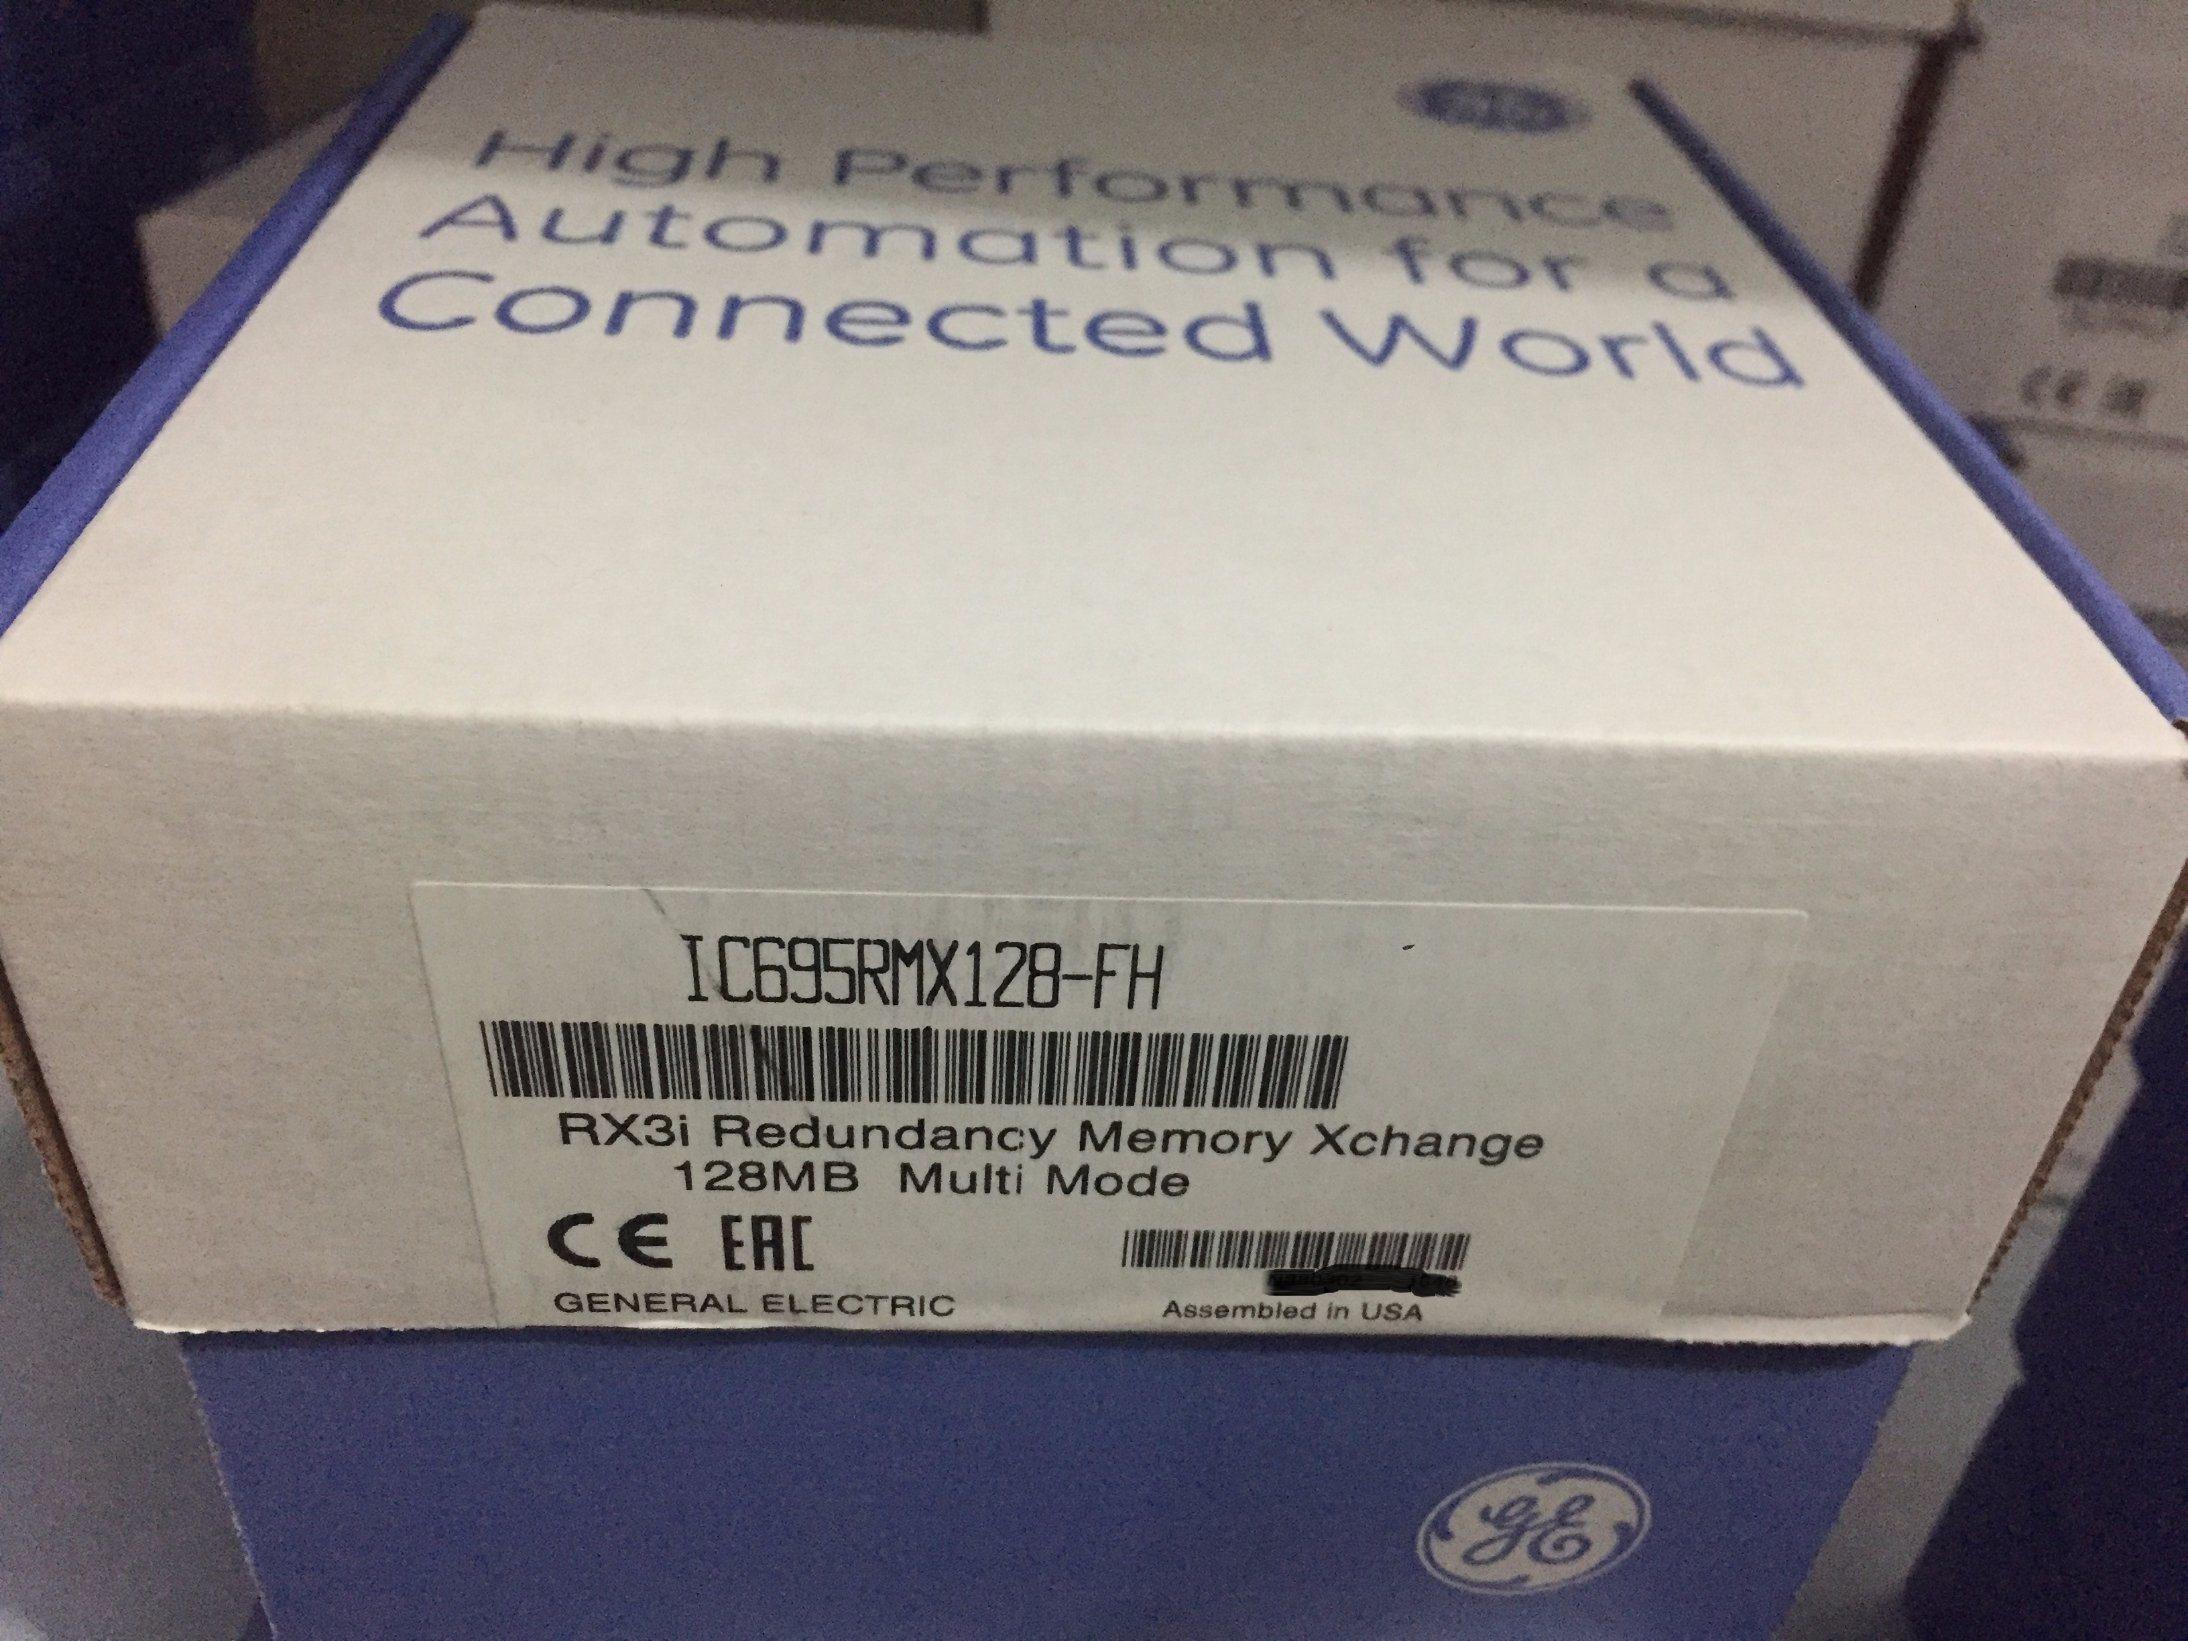 Ge PLC IC695rmx128